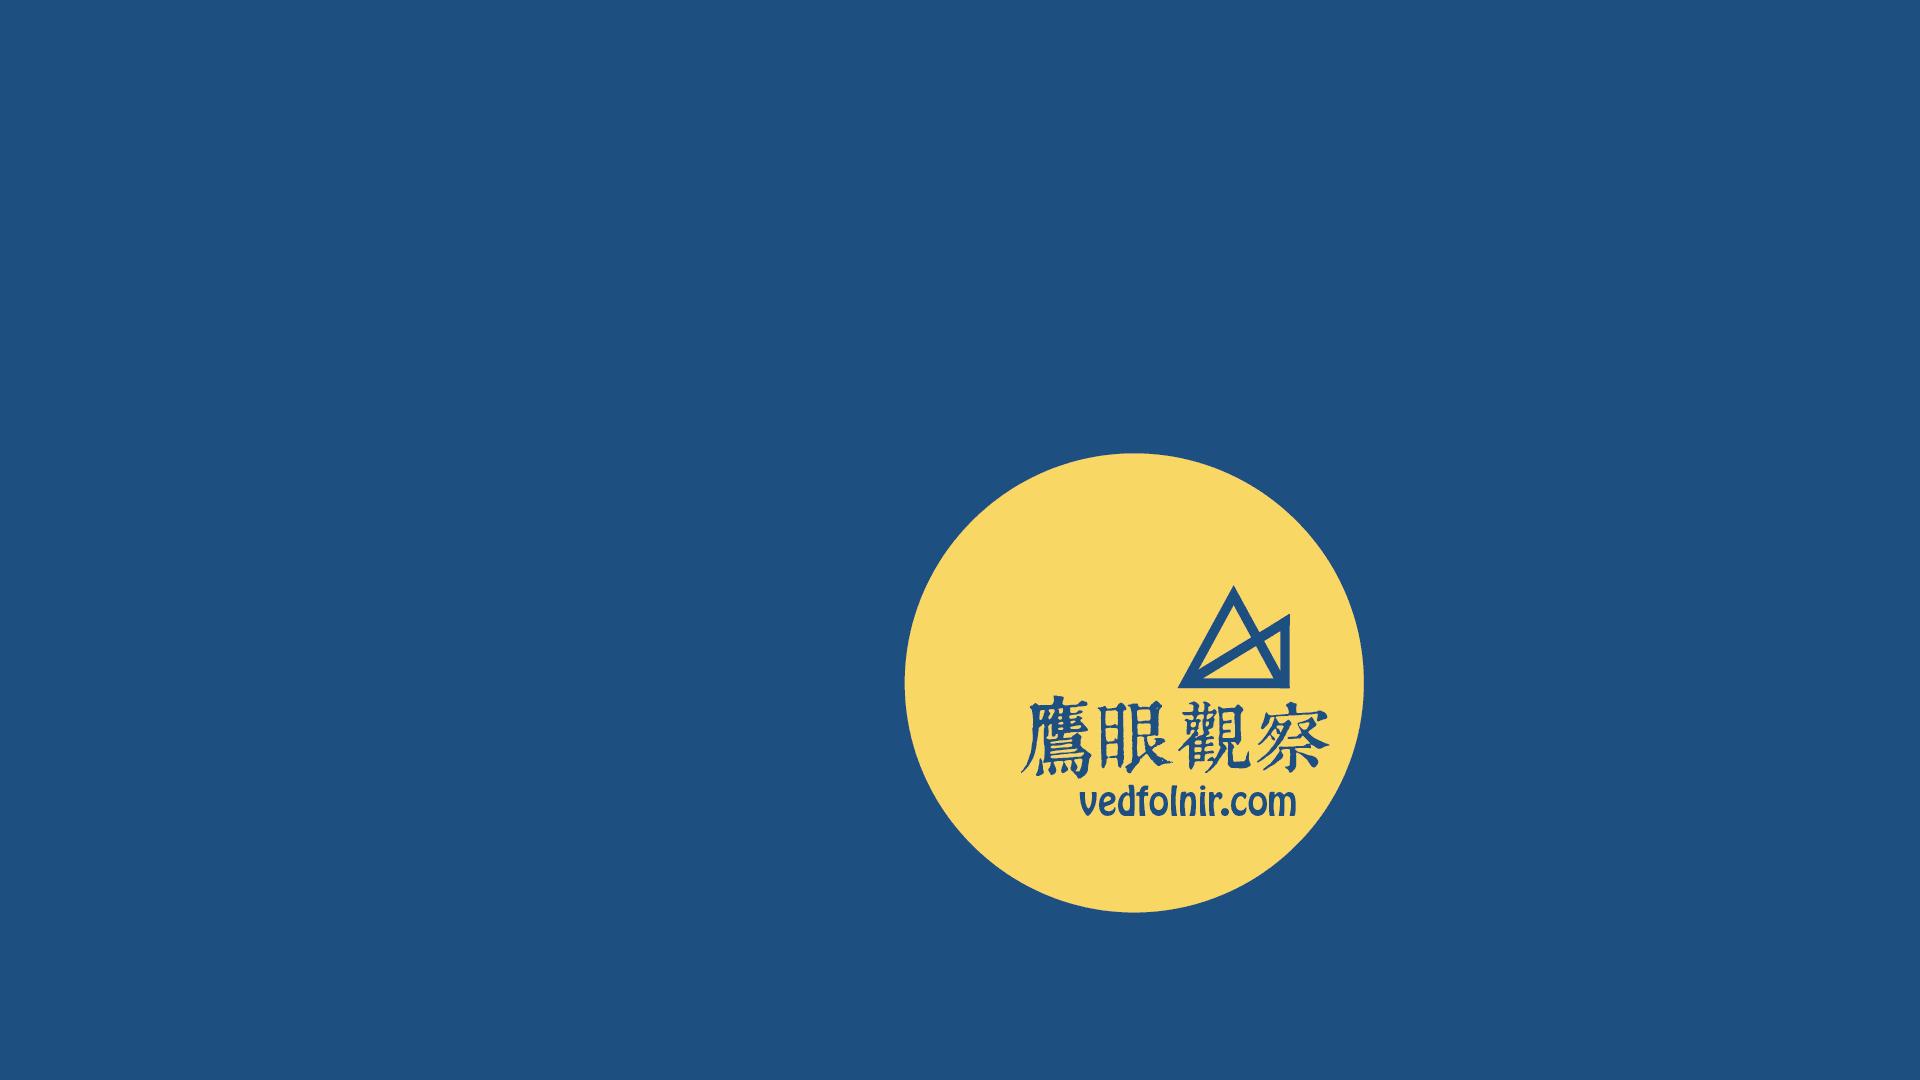 Vedfolnir-Logo-Header-Design